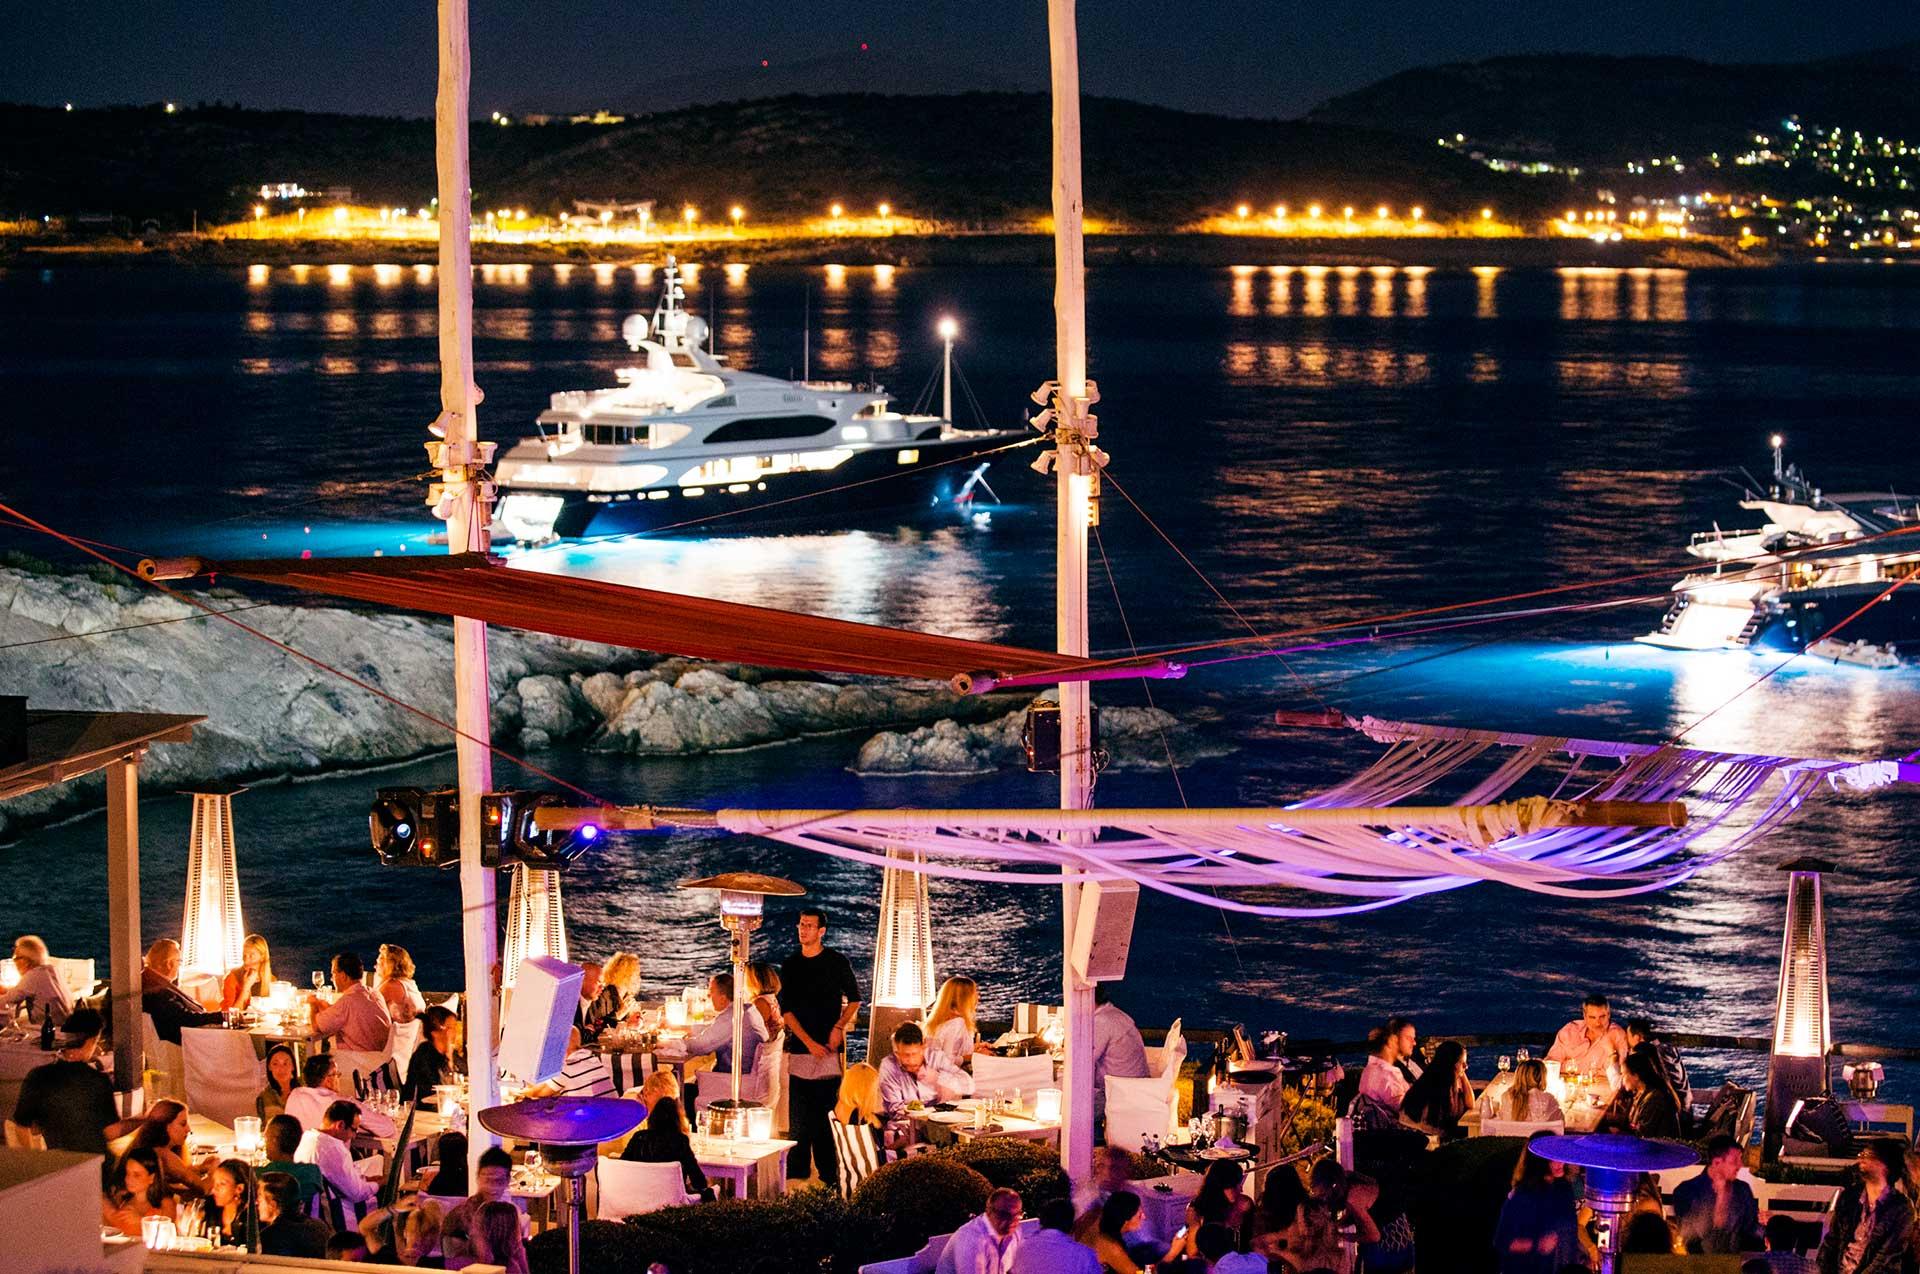 Αθήνα: 7 κορυφαία μπαράκια για να ερωτευτείς φέτος το καλοκαίρι! (photos)